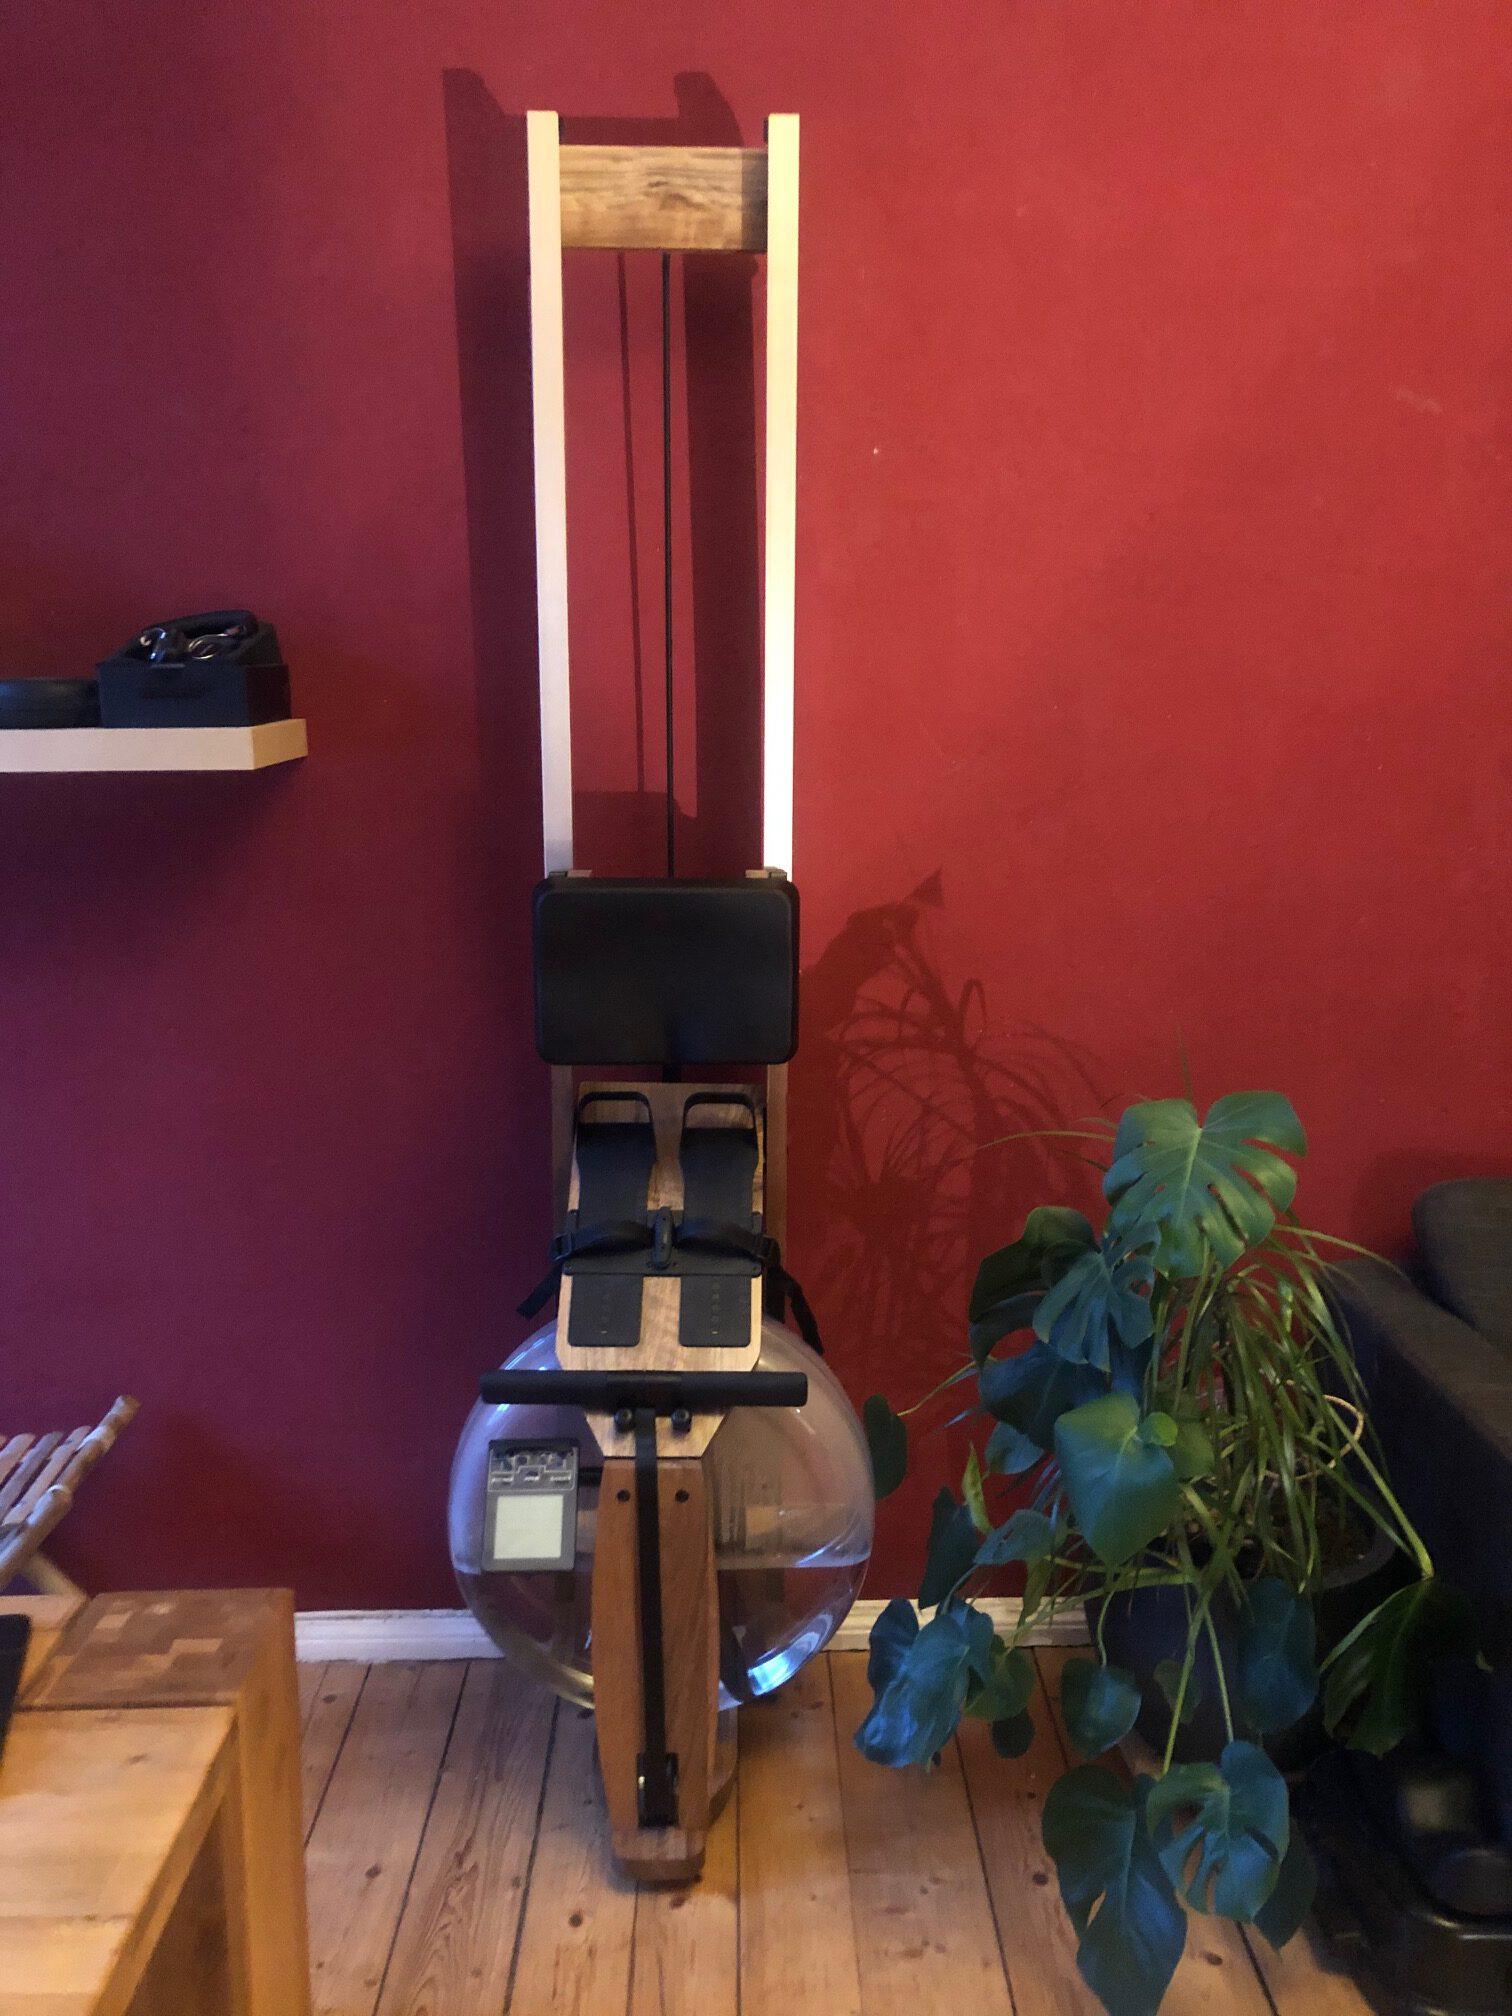 Topiom Wasserrudergerät kann an der Wand stehen